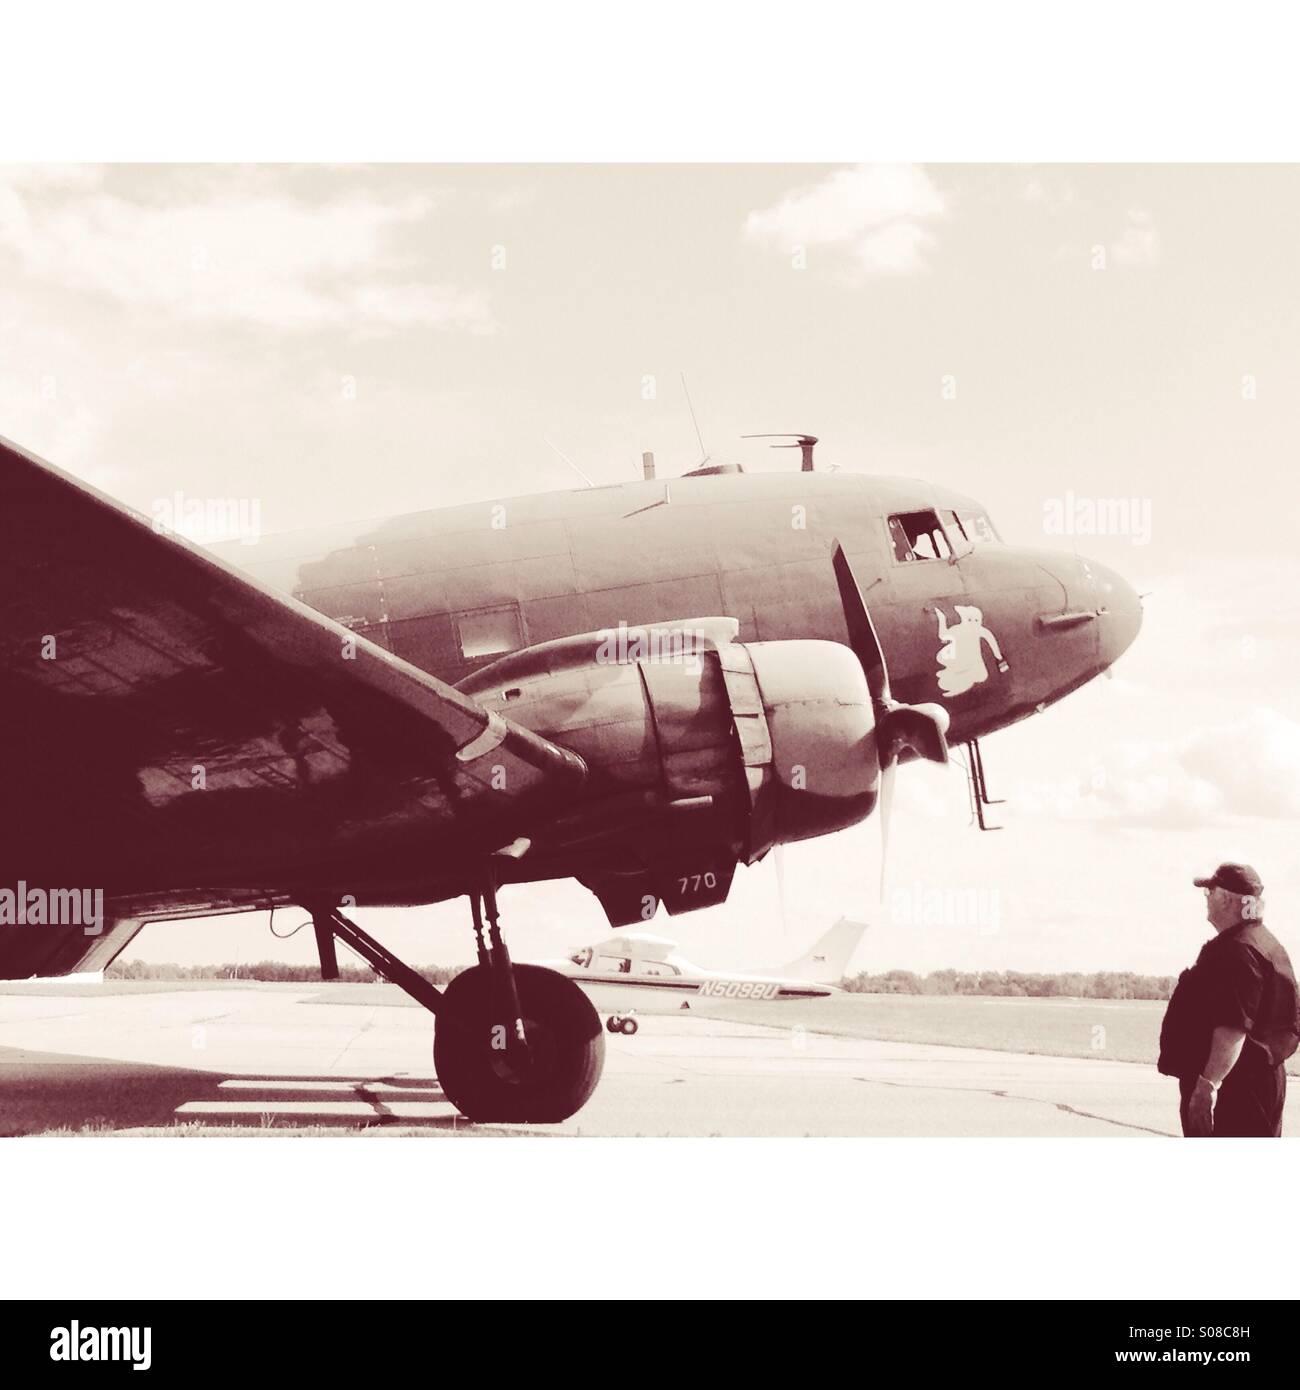 Antique Aircraft Stock Photos & Antique Aircraft Stock